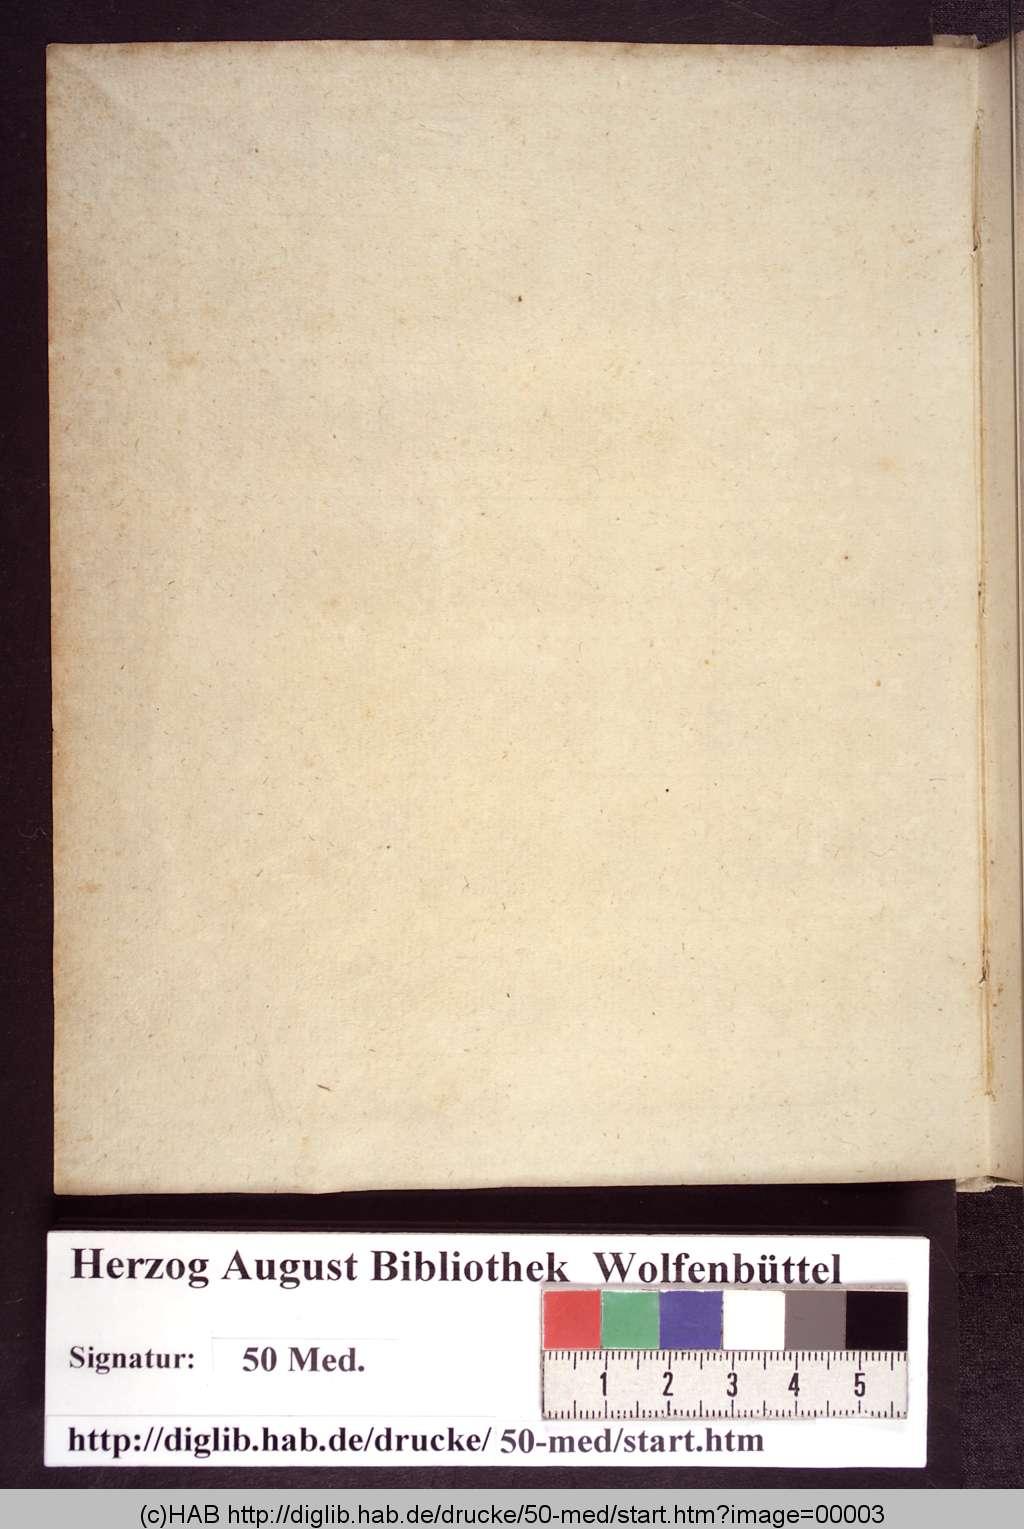 http://diglib.hab.de/drucke/50-med/00003.jpg